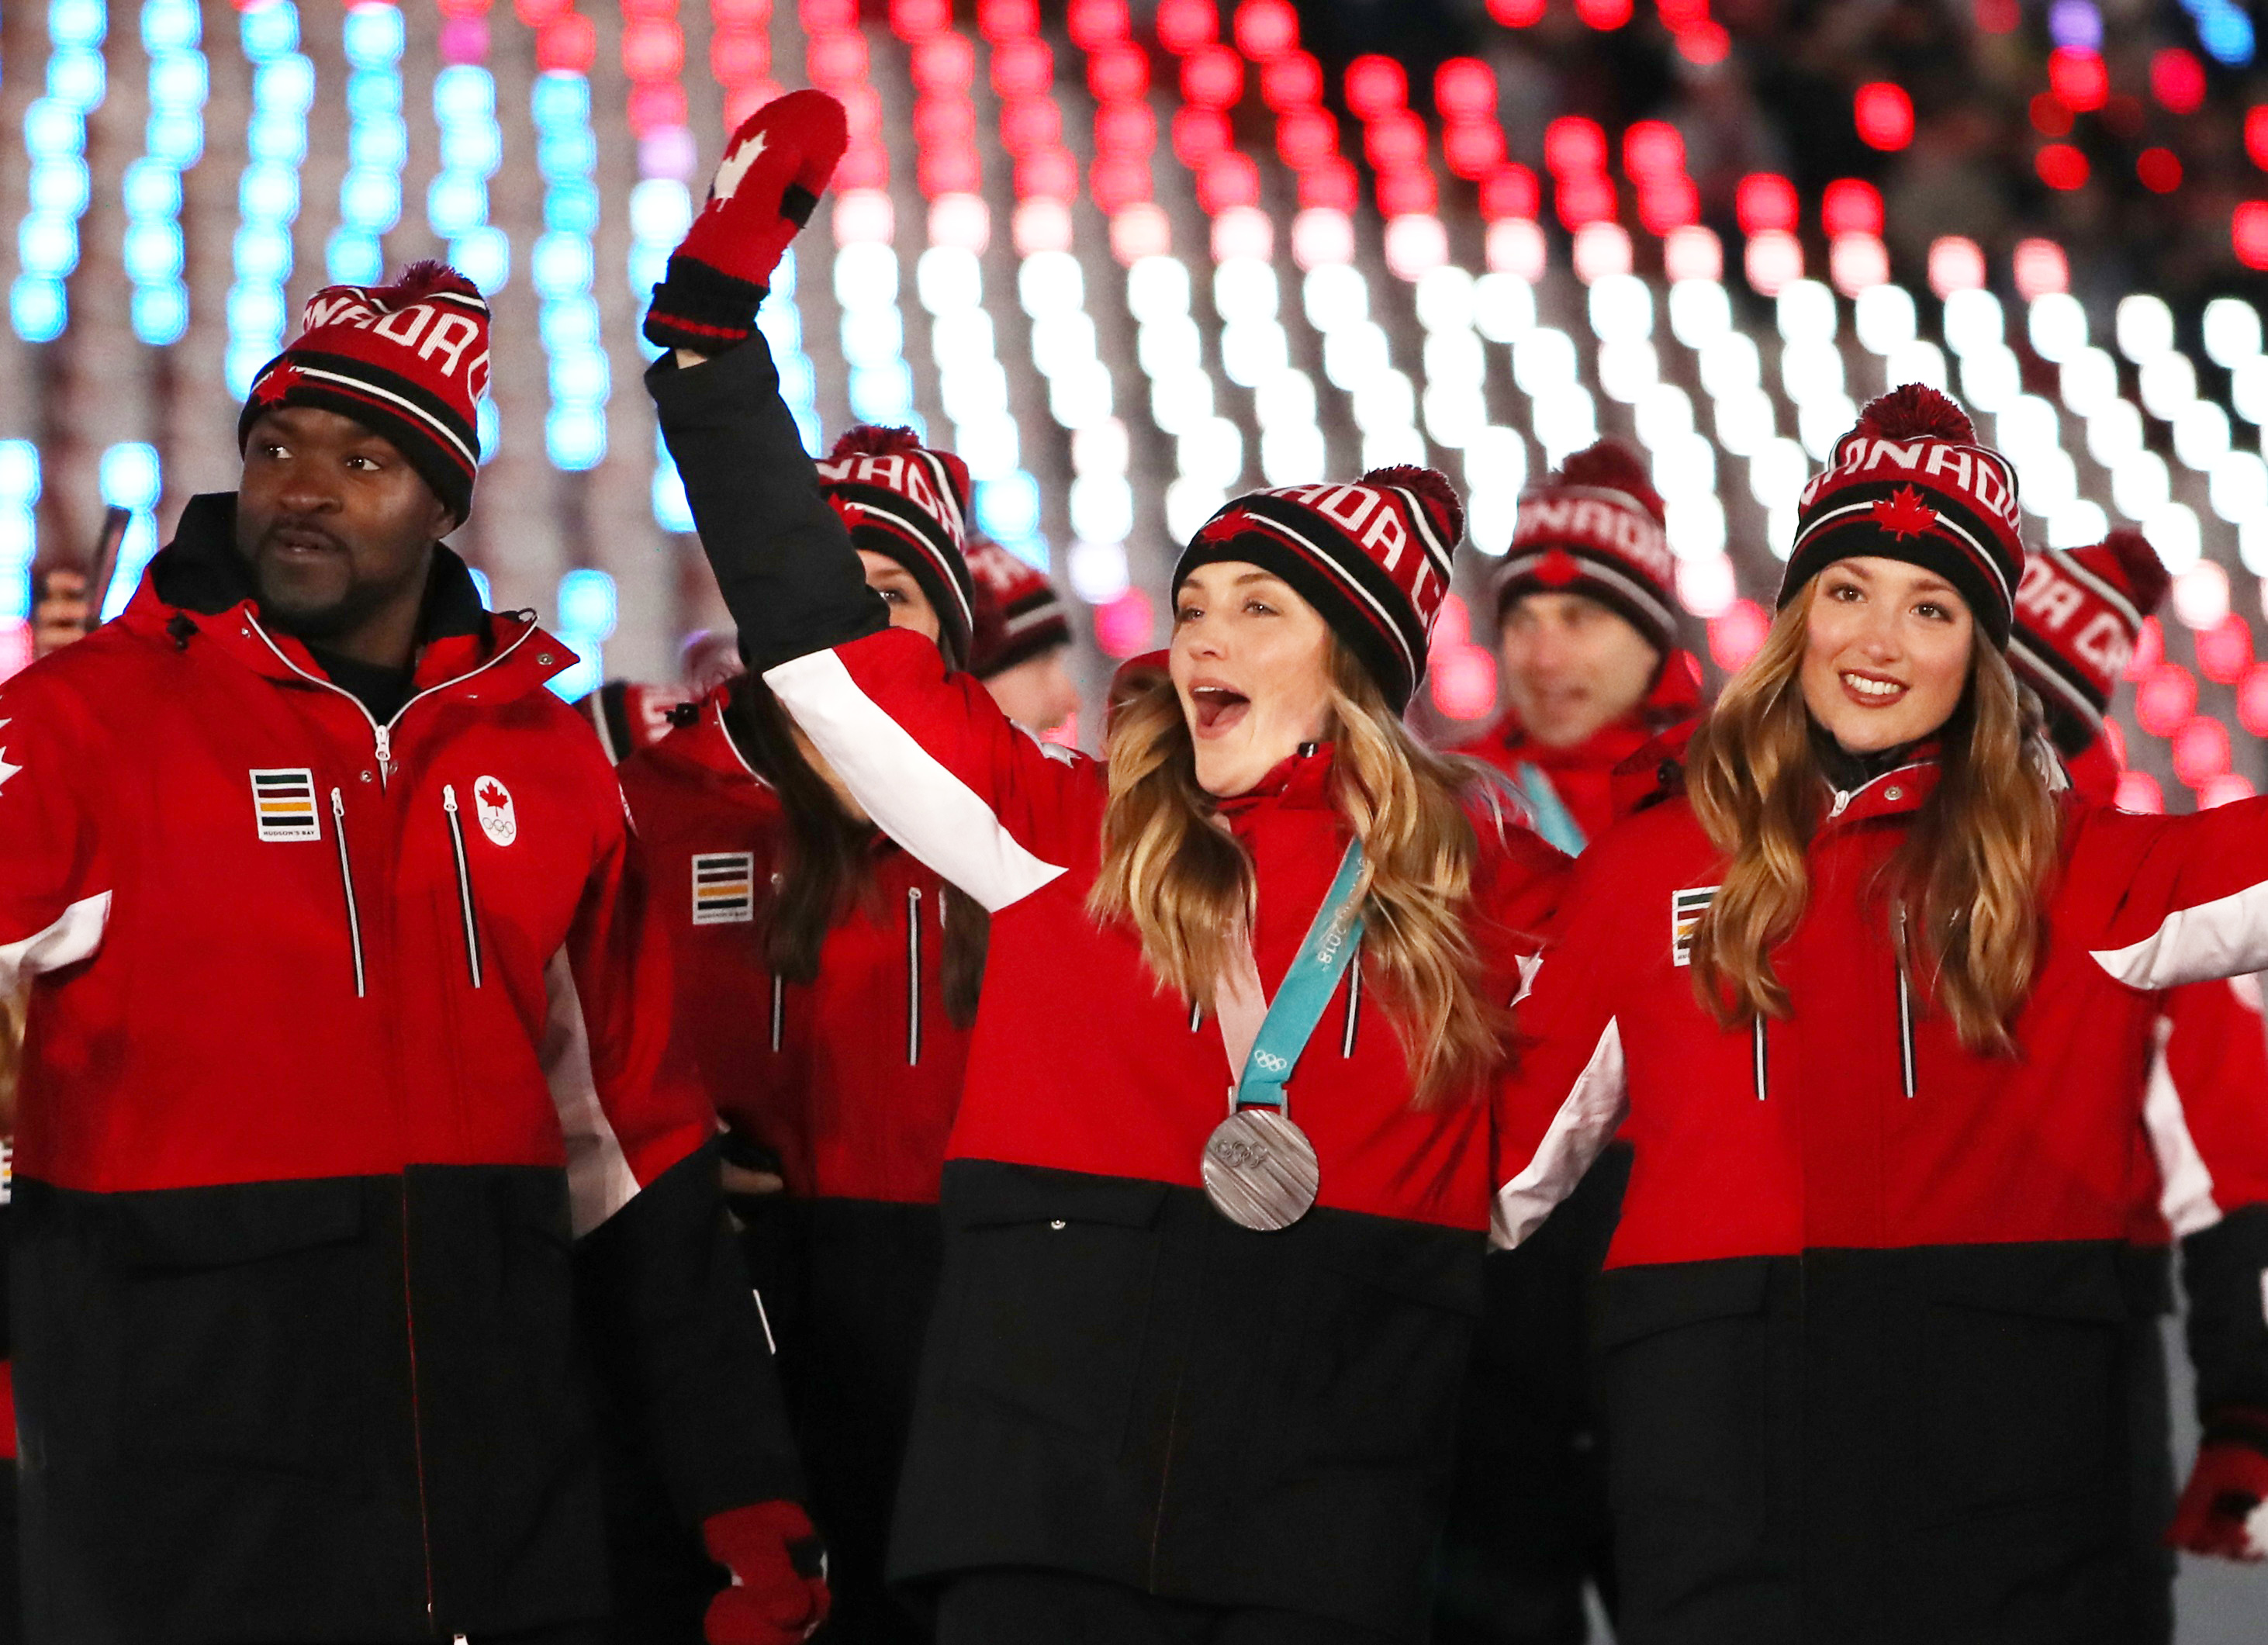 أبطال اولمبيّون كنديّون يشاركون في الحفل الختامي لدورة بيونغ تشانغ الأولمبيّة الشتويّة في 25-02-2018/ REUTERS/Lucy Nicholson